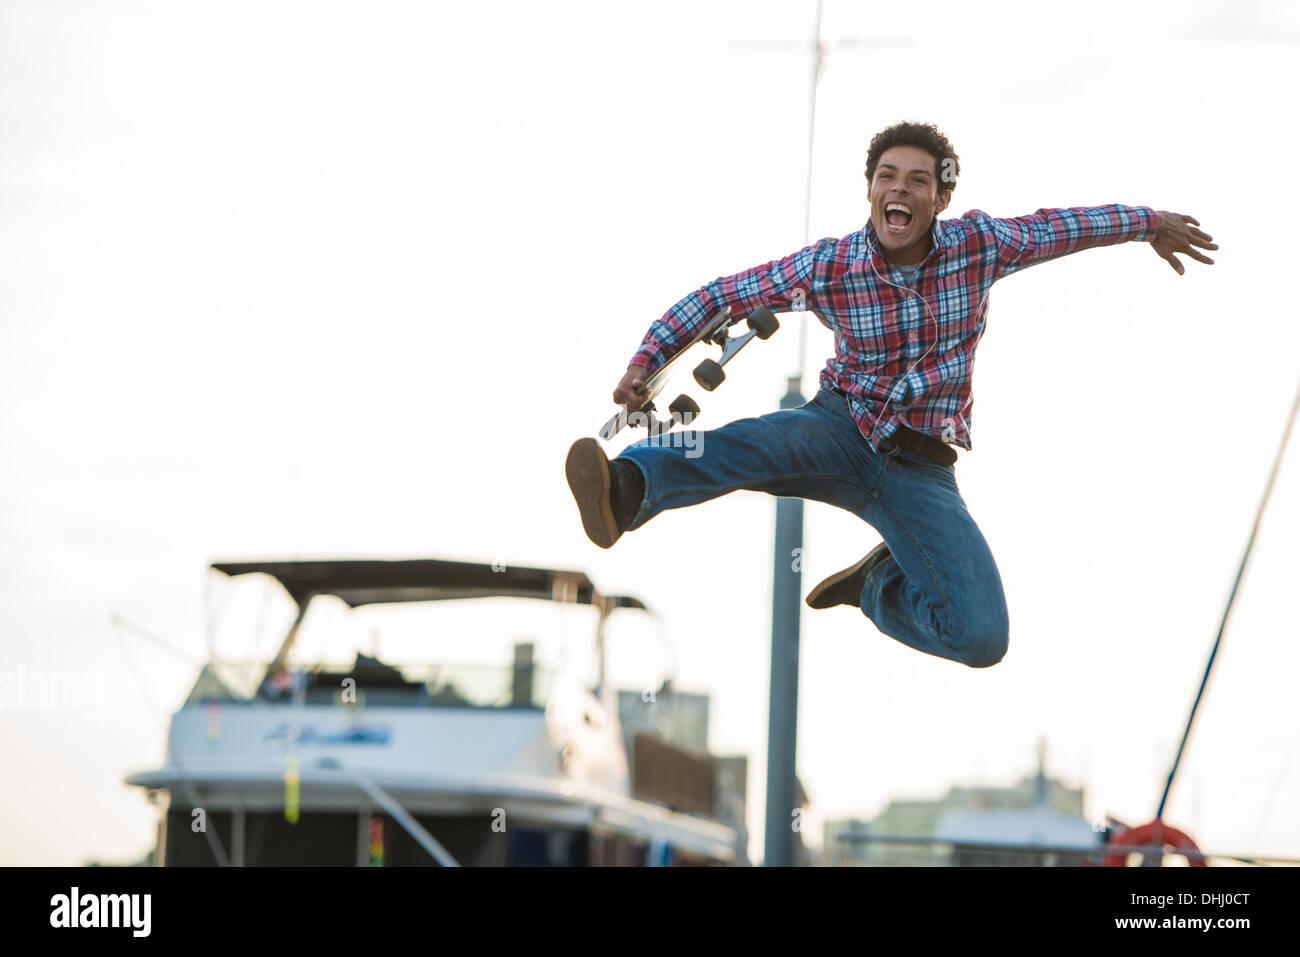 Guidatore di skateboard saltando di gioia Immagini Stock